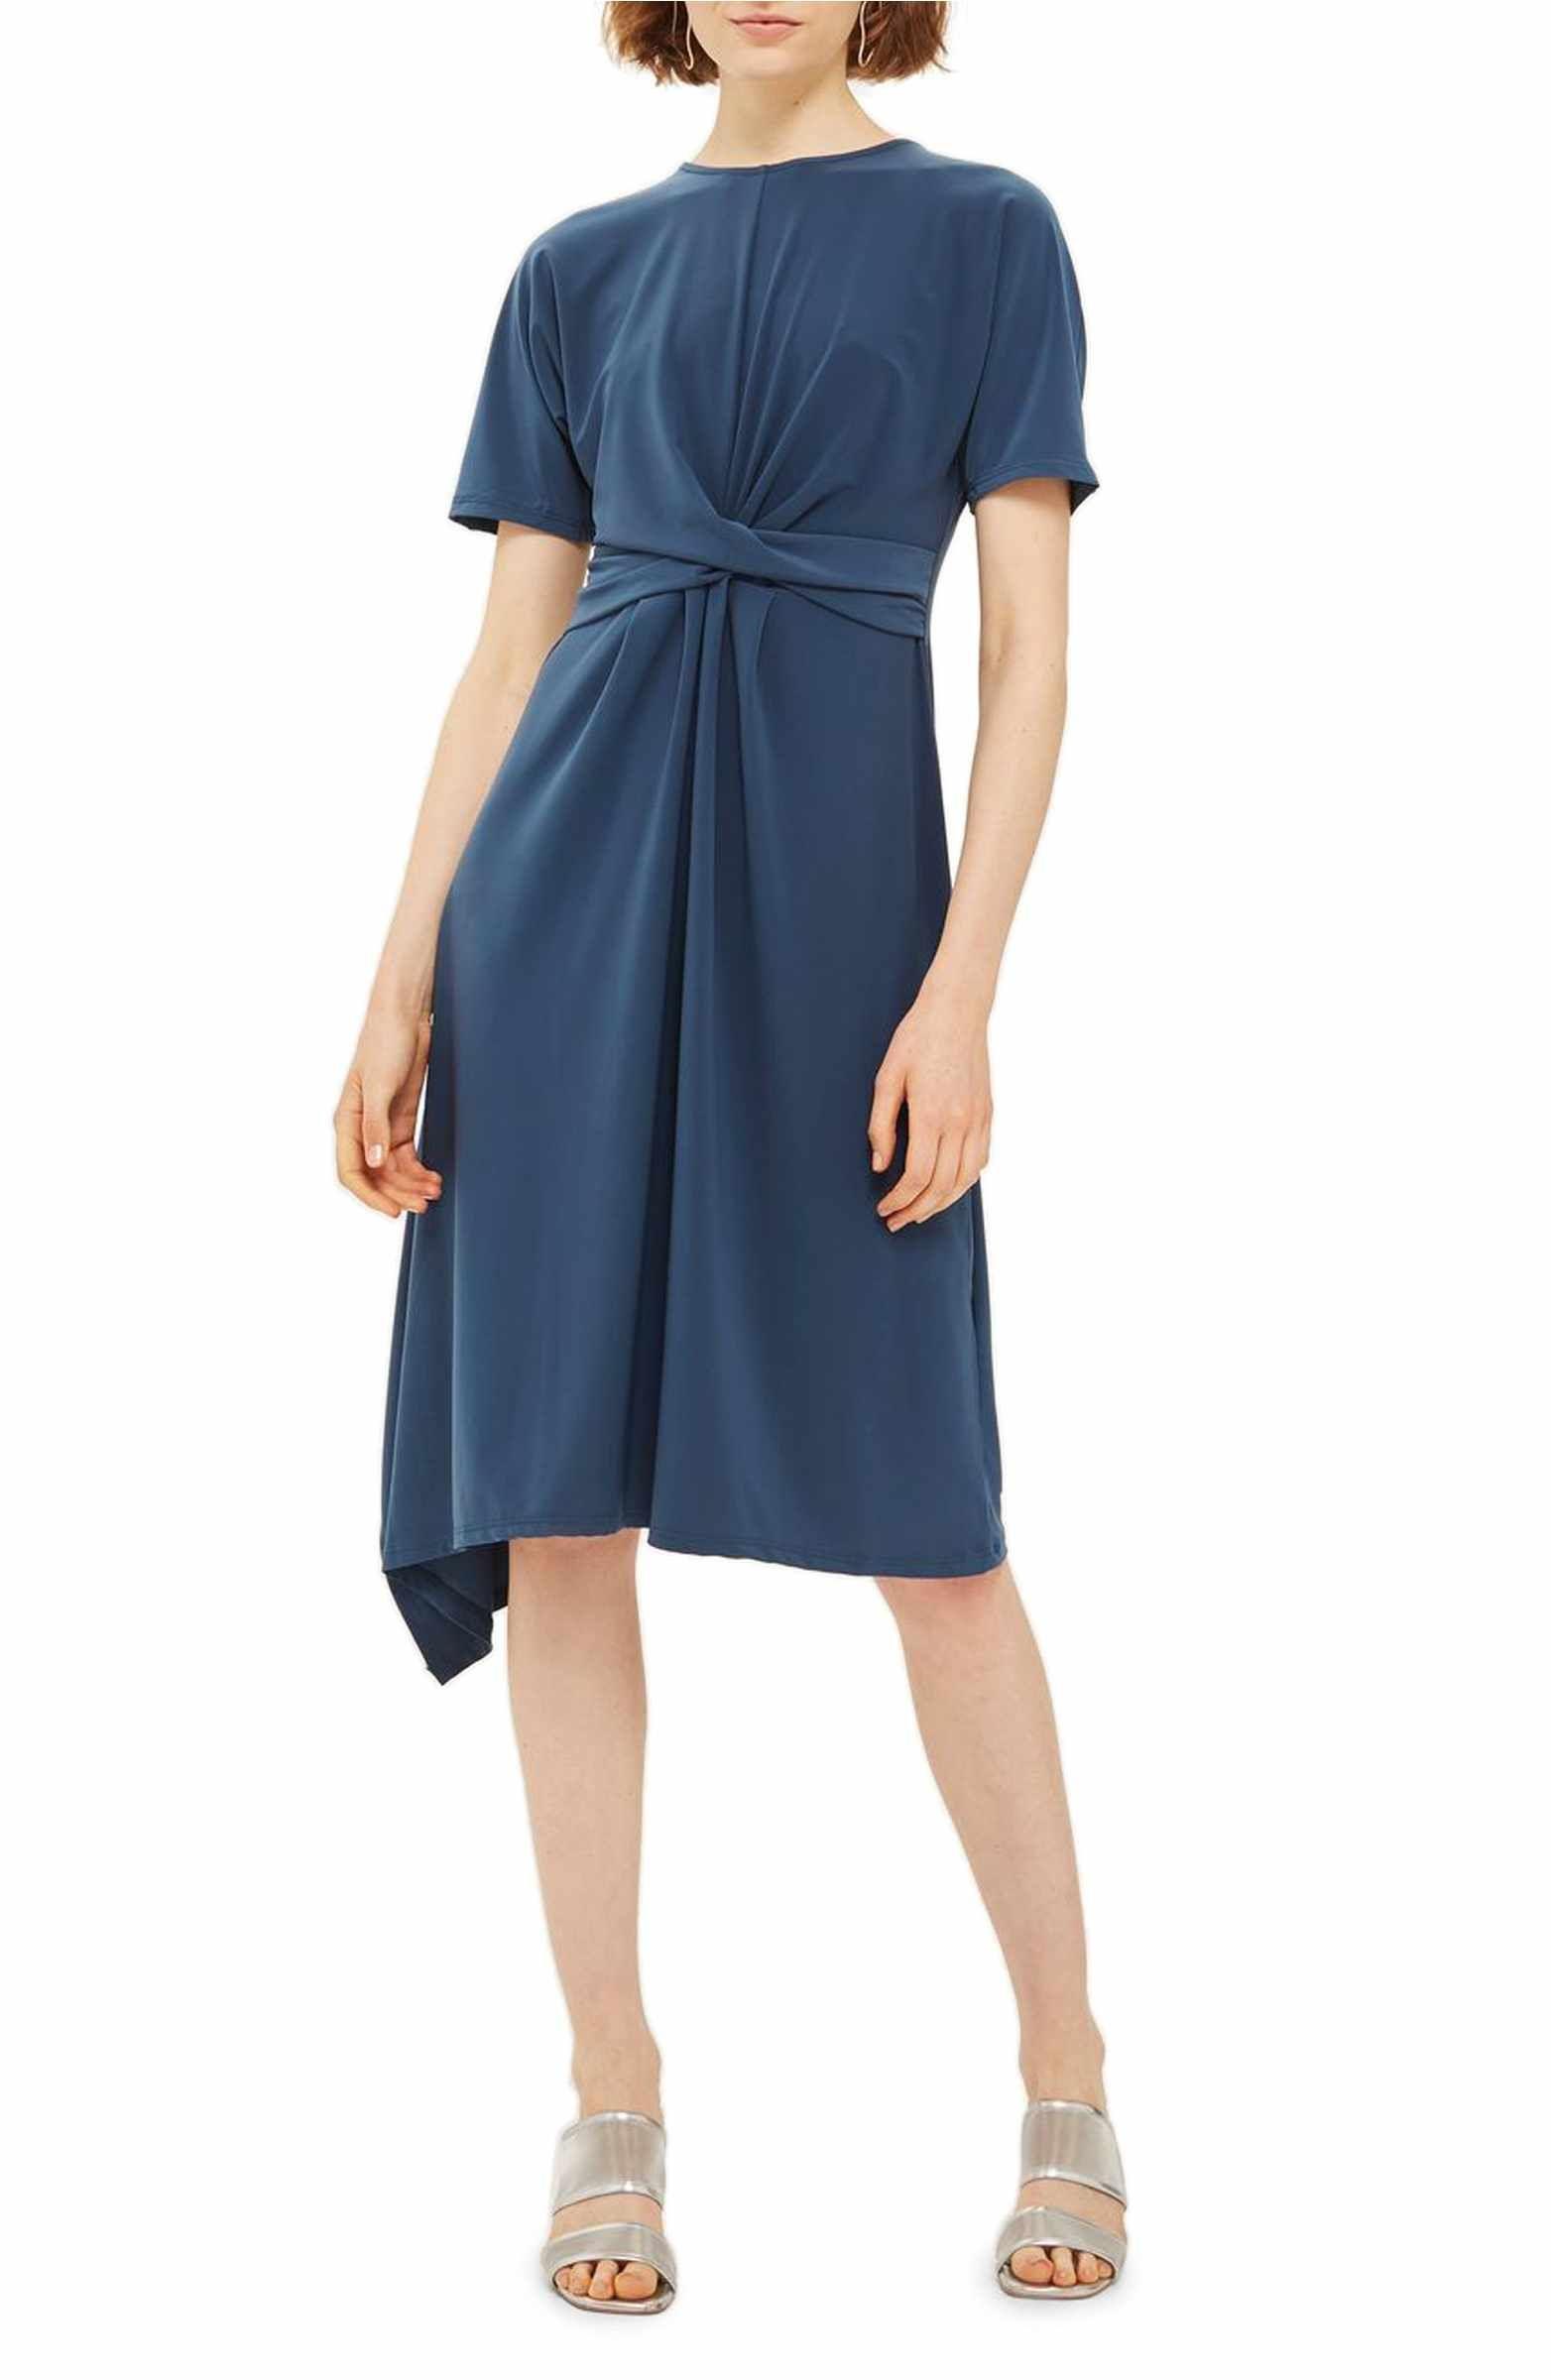 Topshop Twist Front Jersey Midi Dress Nordstrom Dresses Nordstrom Dresses Clothes [ 2400 x 1564 Pixel ]